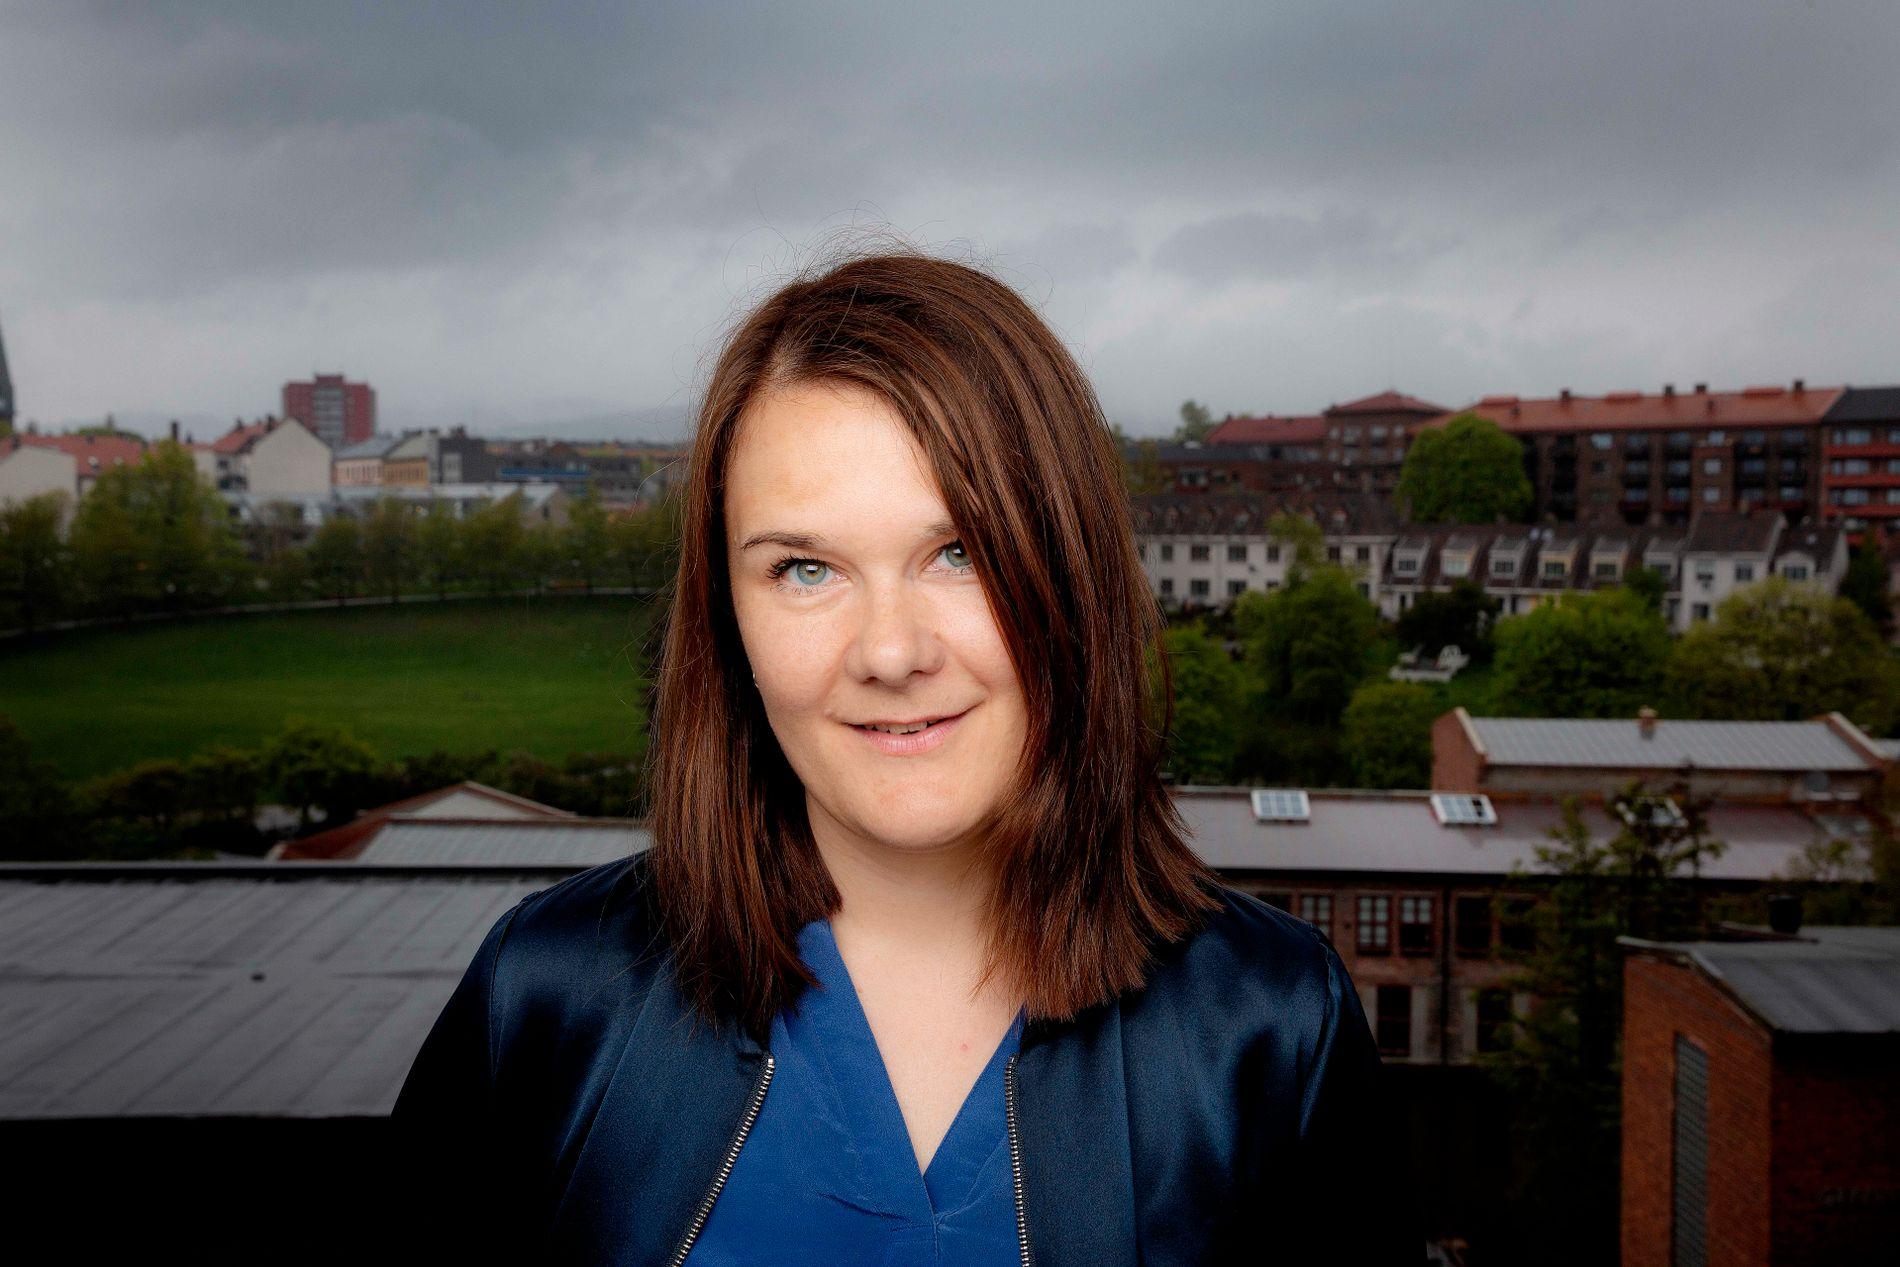 Marie Aubert har skrevet sin første roman «Voksne mennesker»